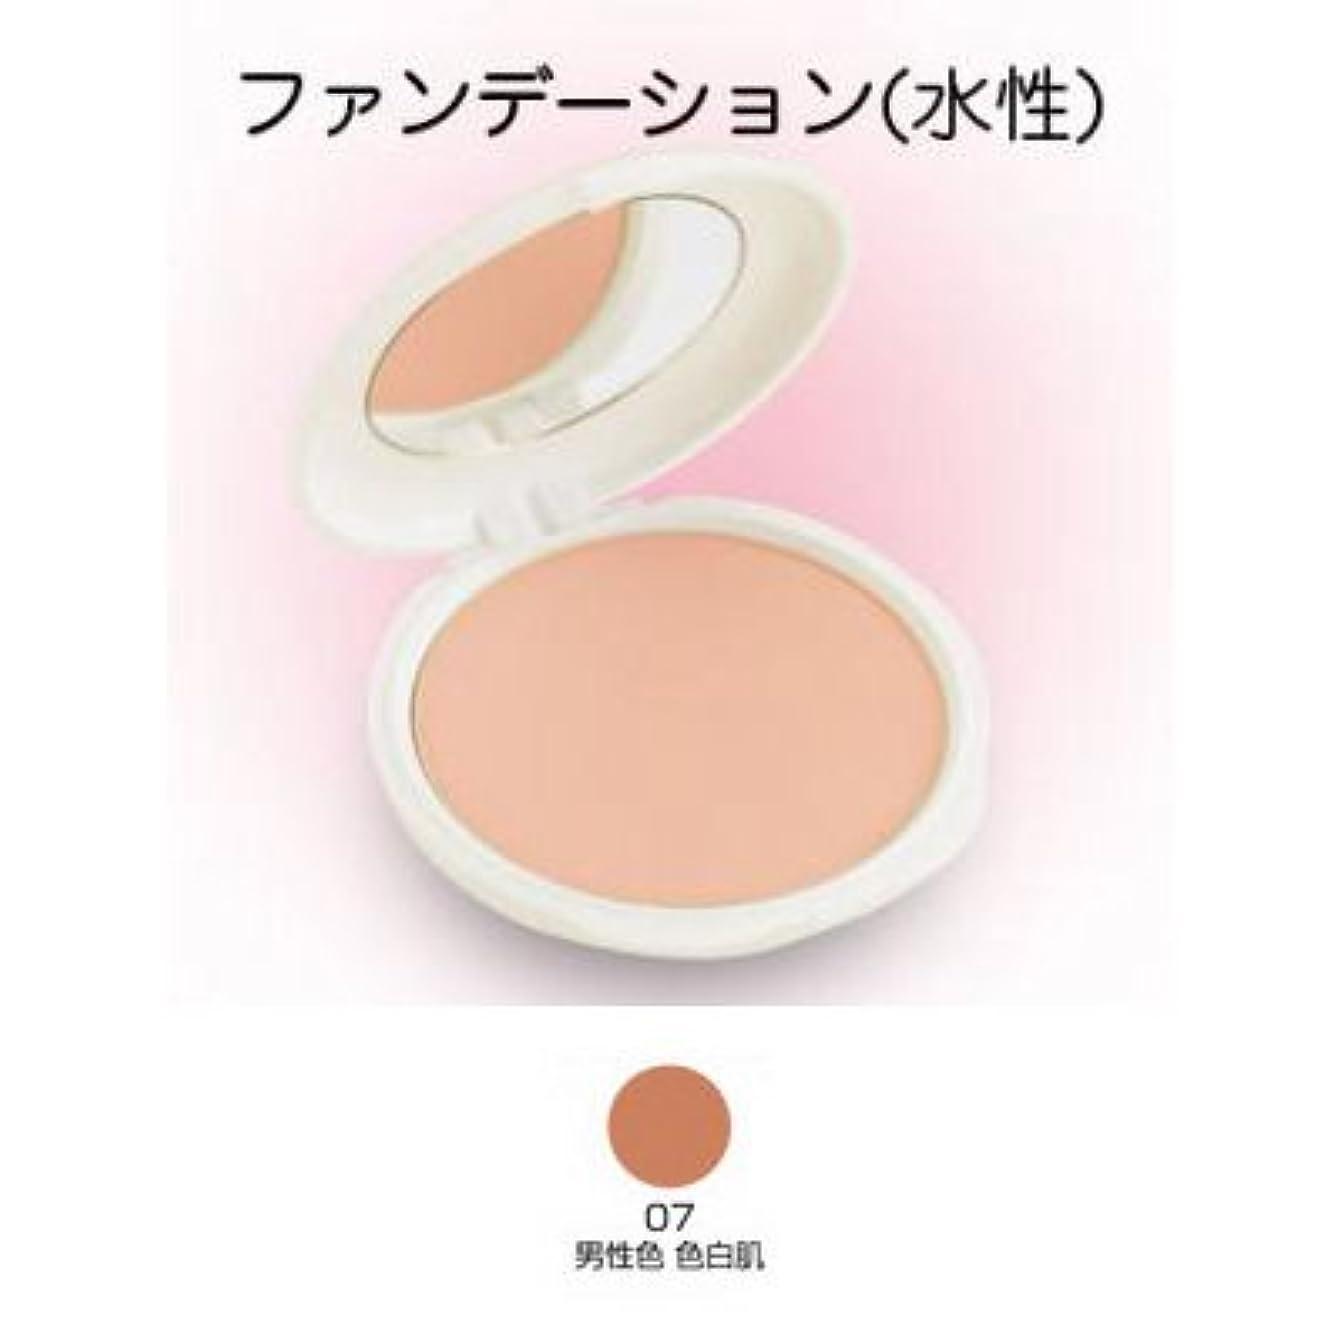 ツーウェイケーキ 28g 07男性色色白系 【三善】